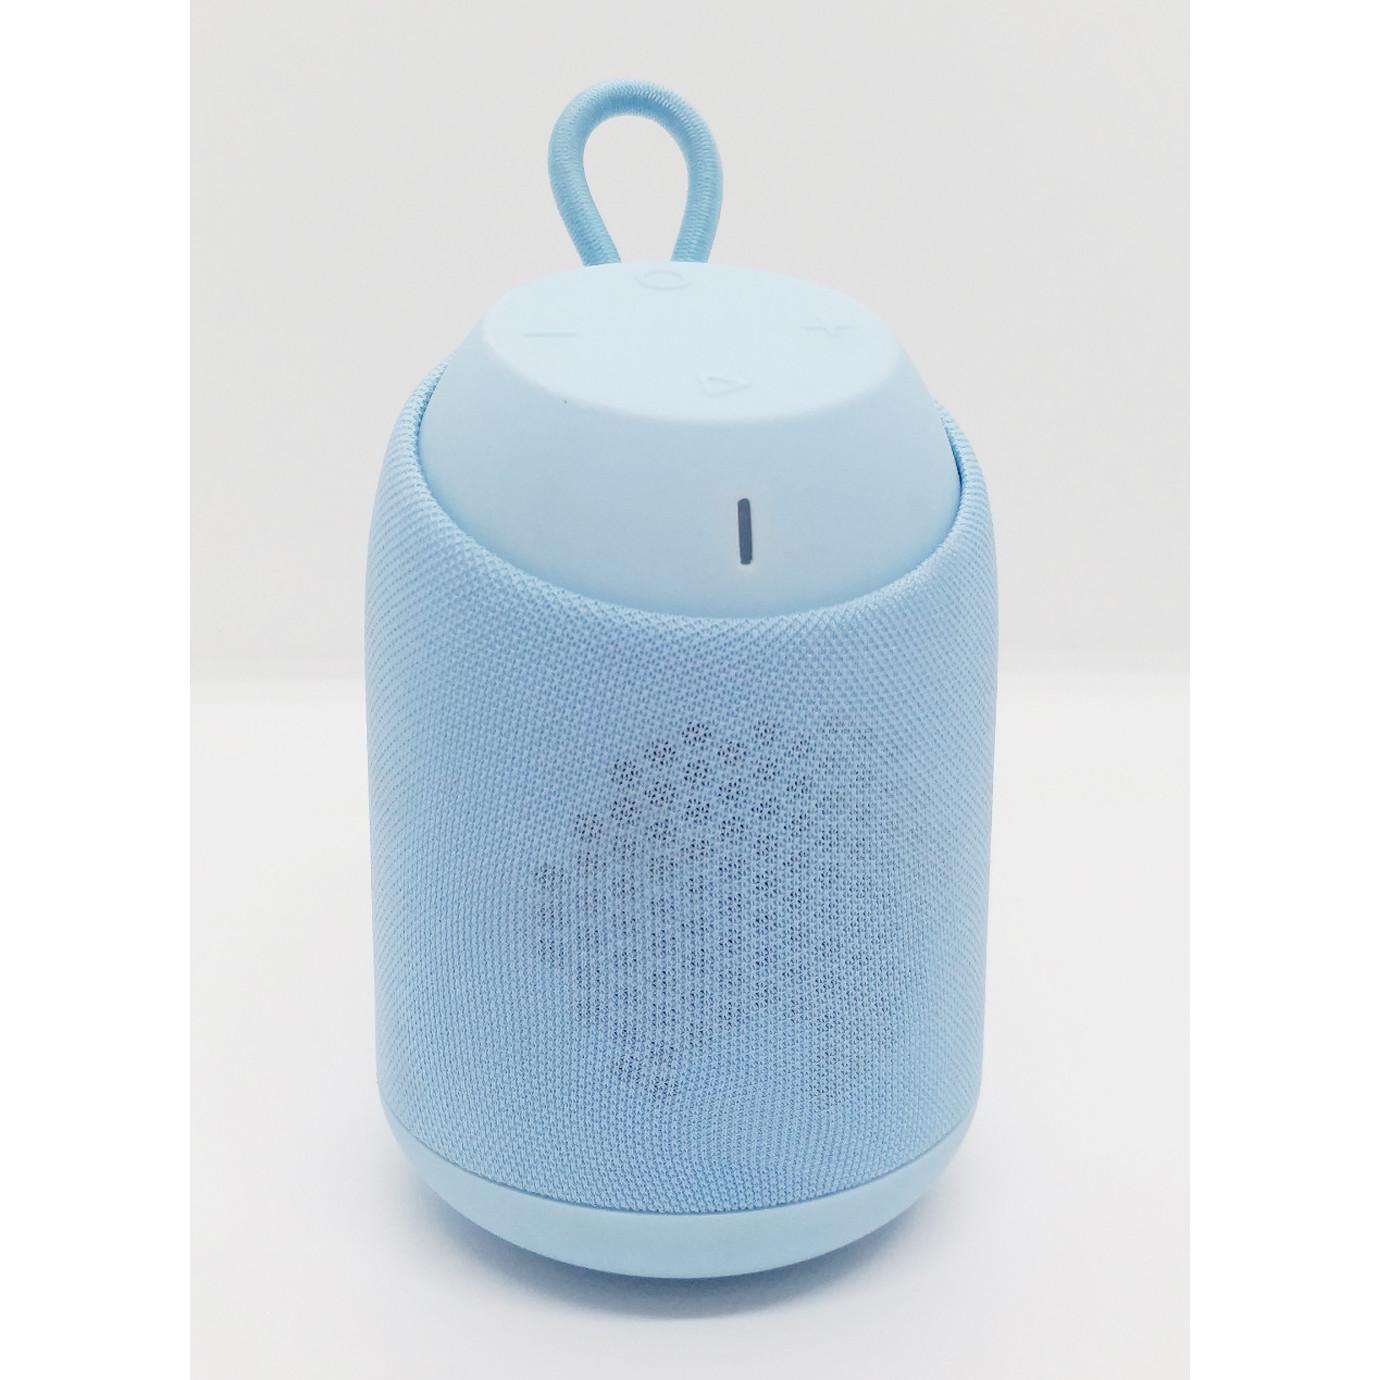 Loa Bluetooth di động chống nước  Bugani D61 - Hàng chính hãng